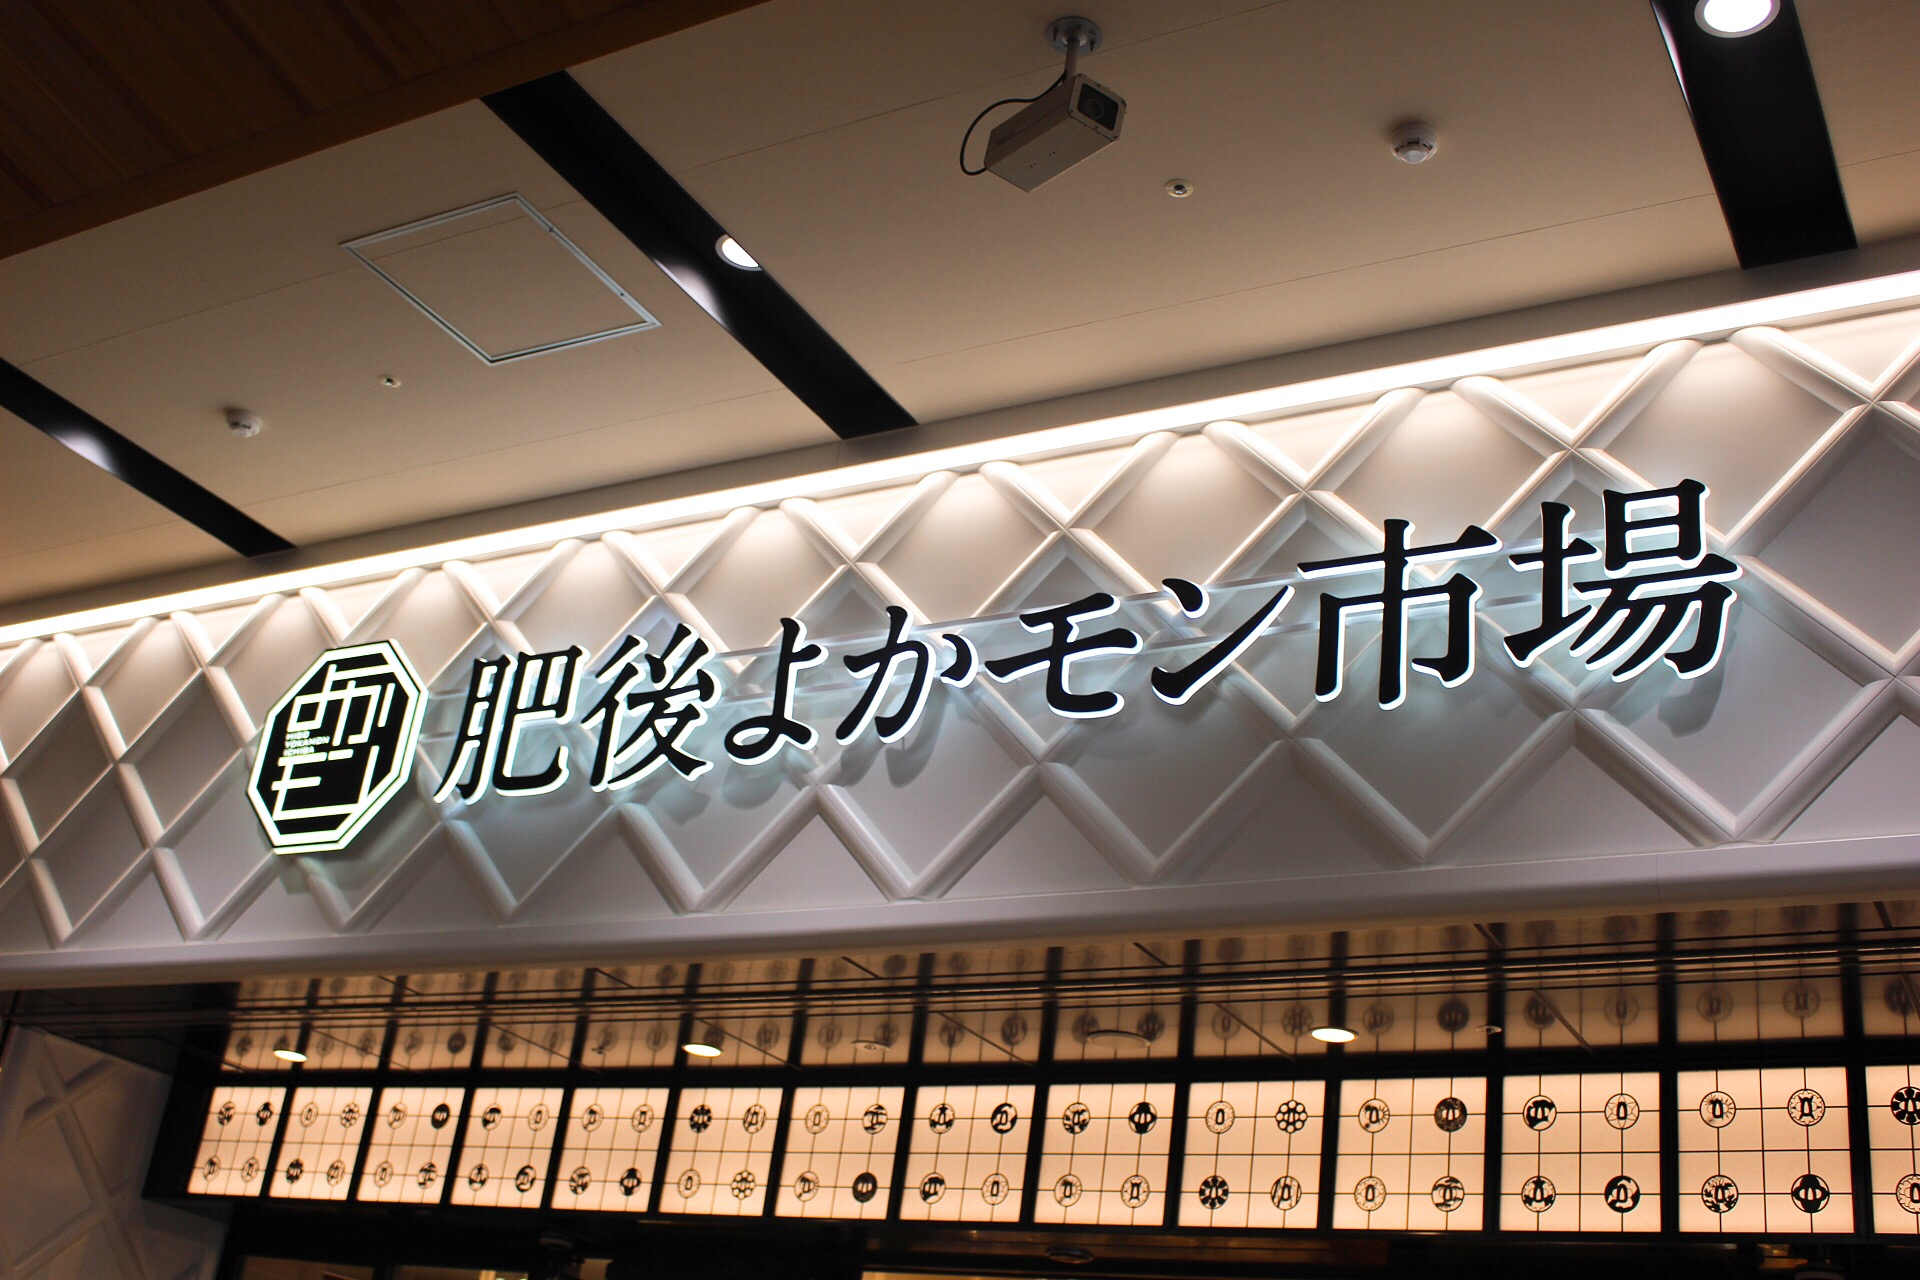 【肥後よかモン市場】が熊本駅にオープン!さっそく、行ってきた。